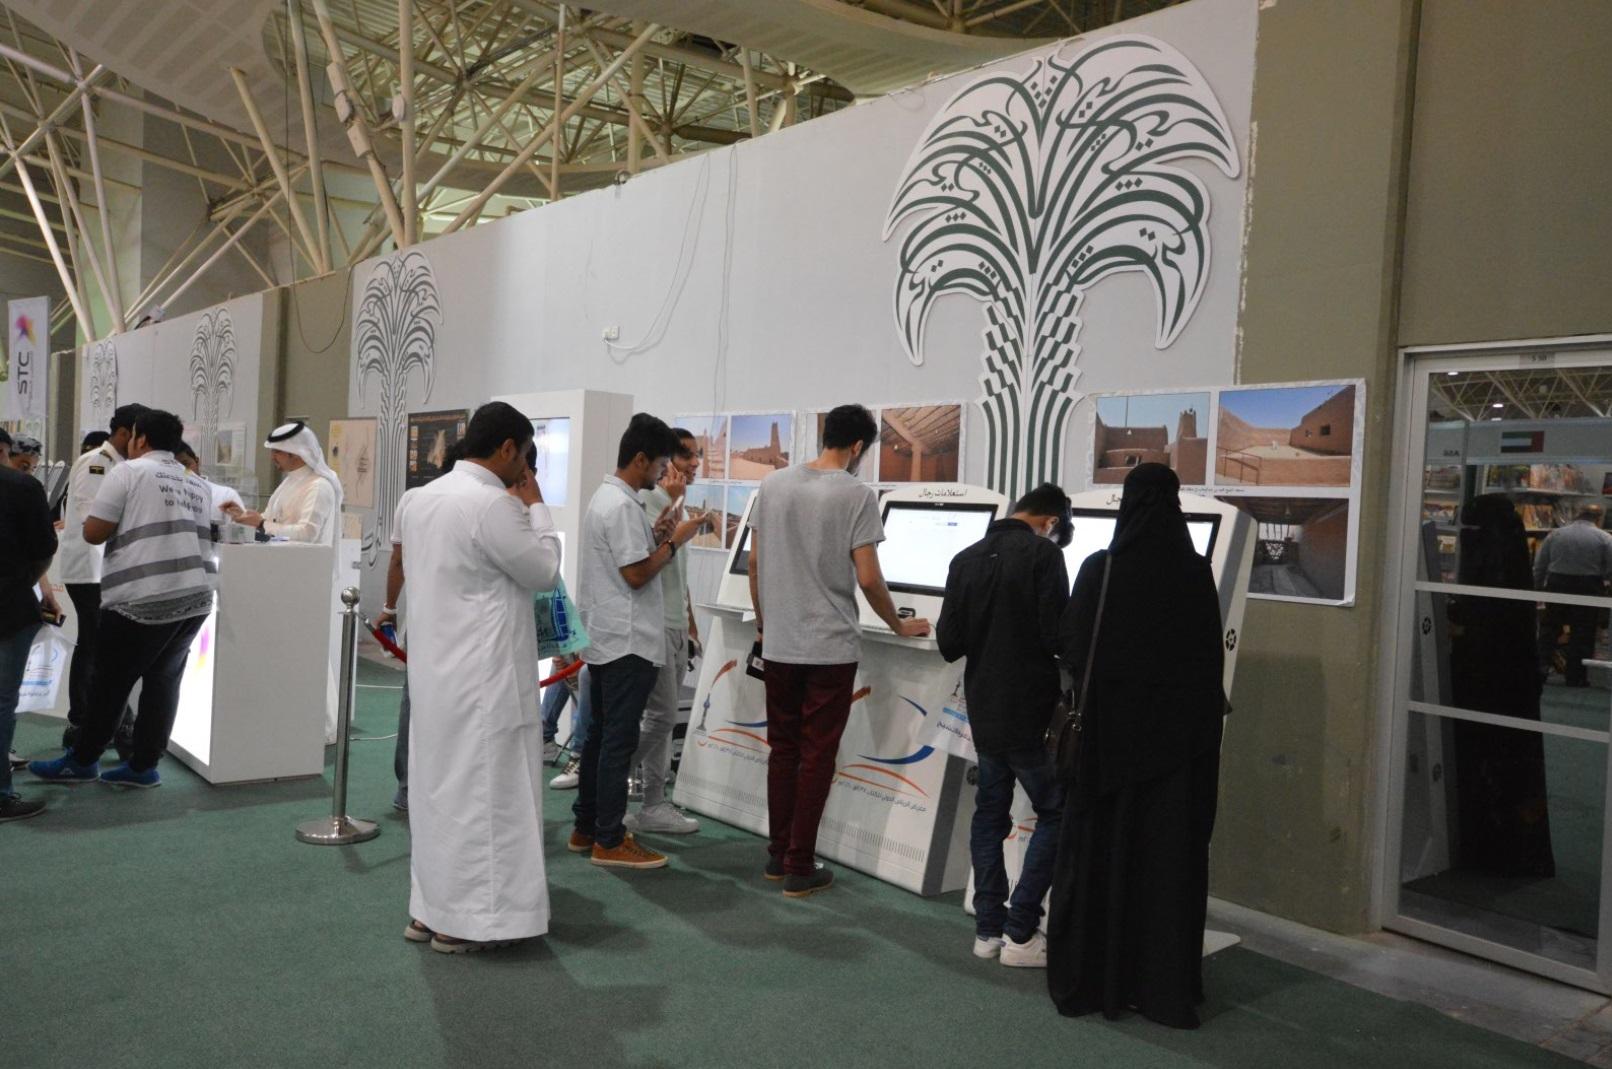 للمرة الأولى.. 50 جهازاً للاستعلام عن الكتب في معرض #الرياض (1)